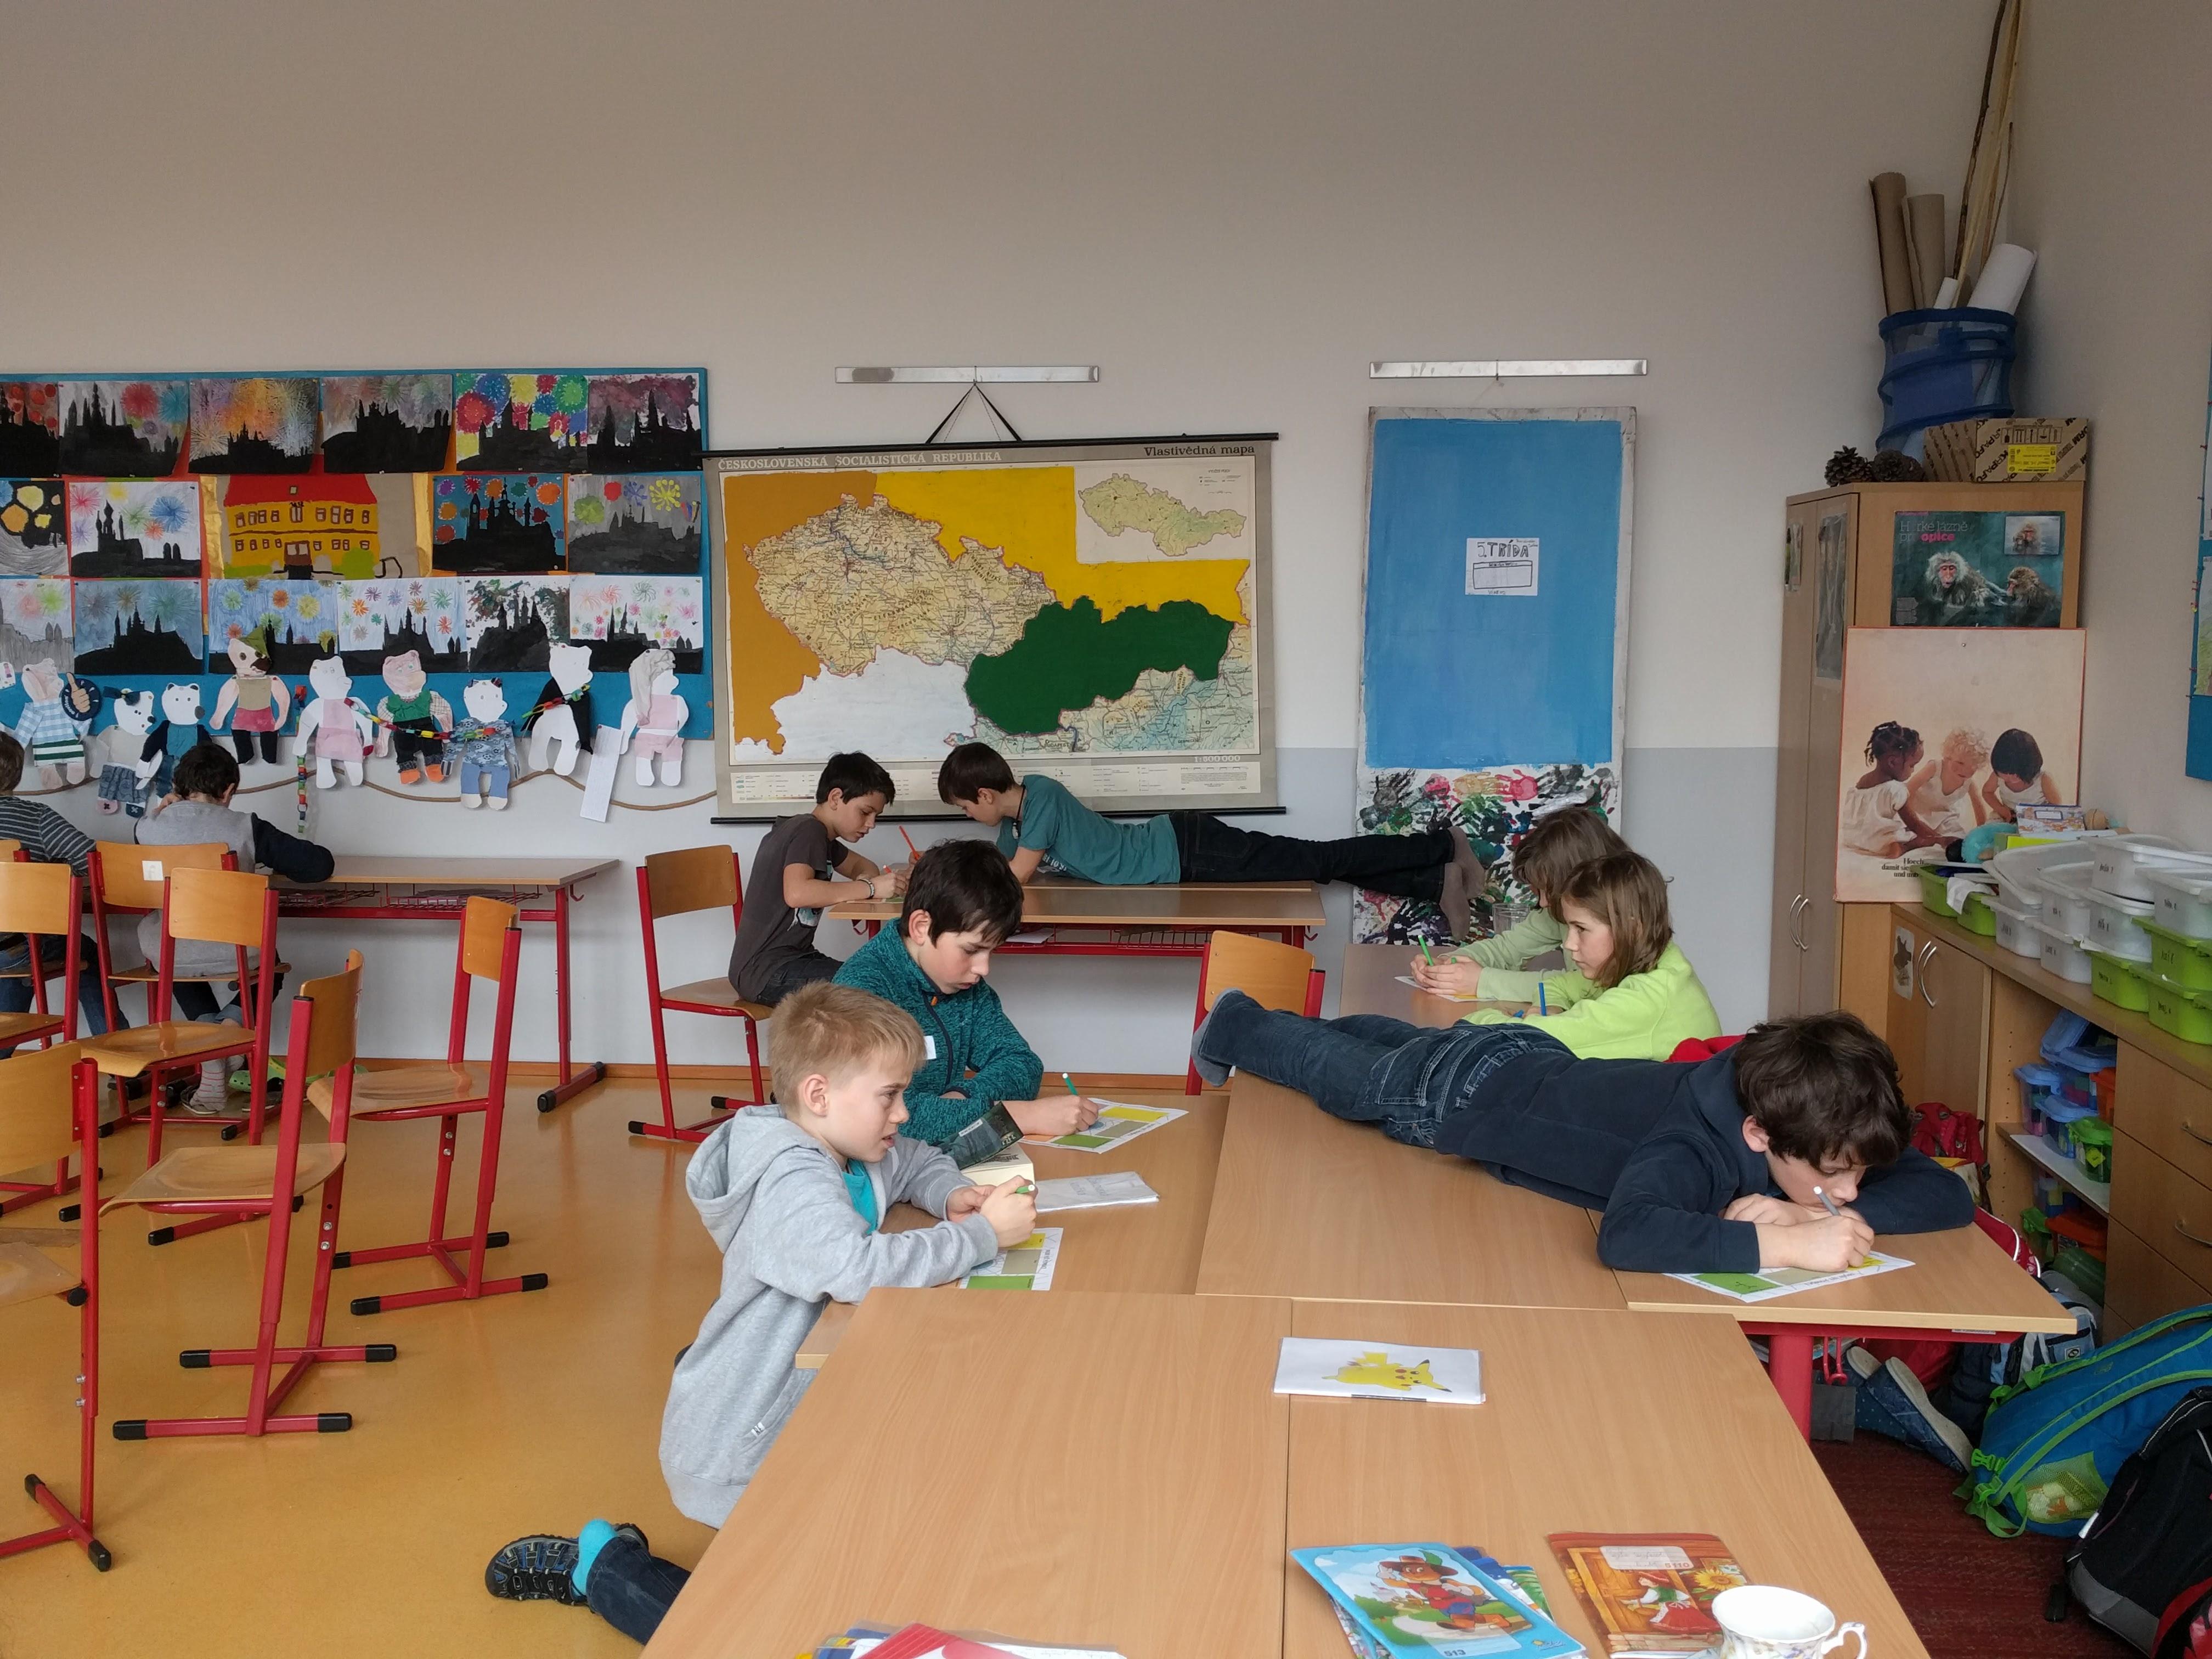 Zapojujeme děti interaktivní a zážitkovou formou